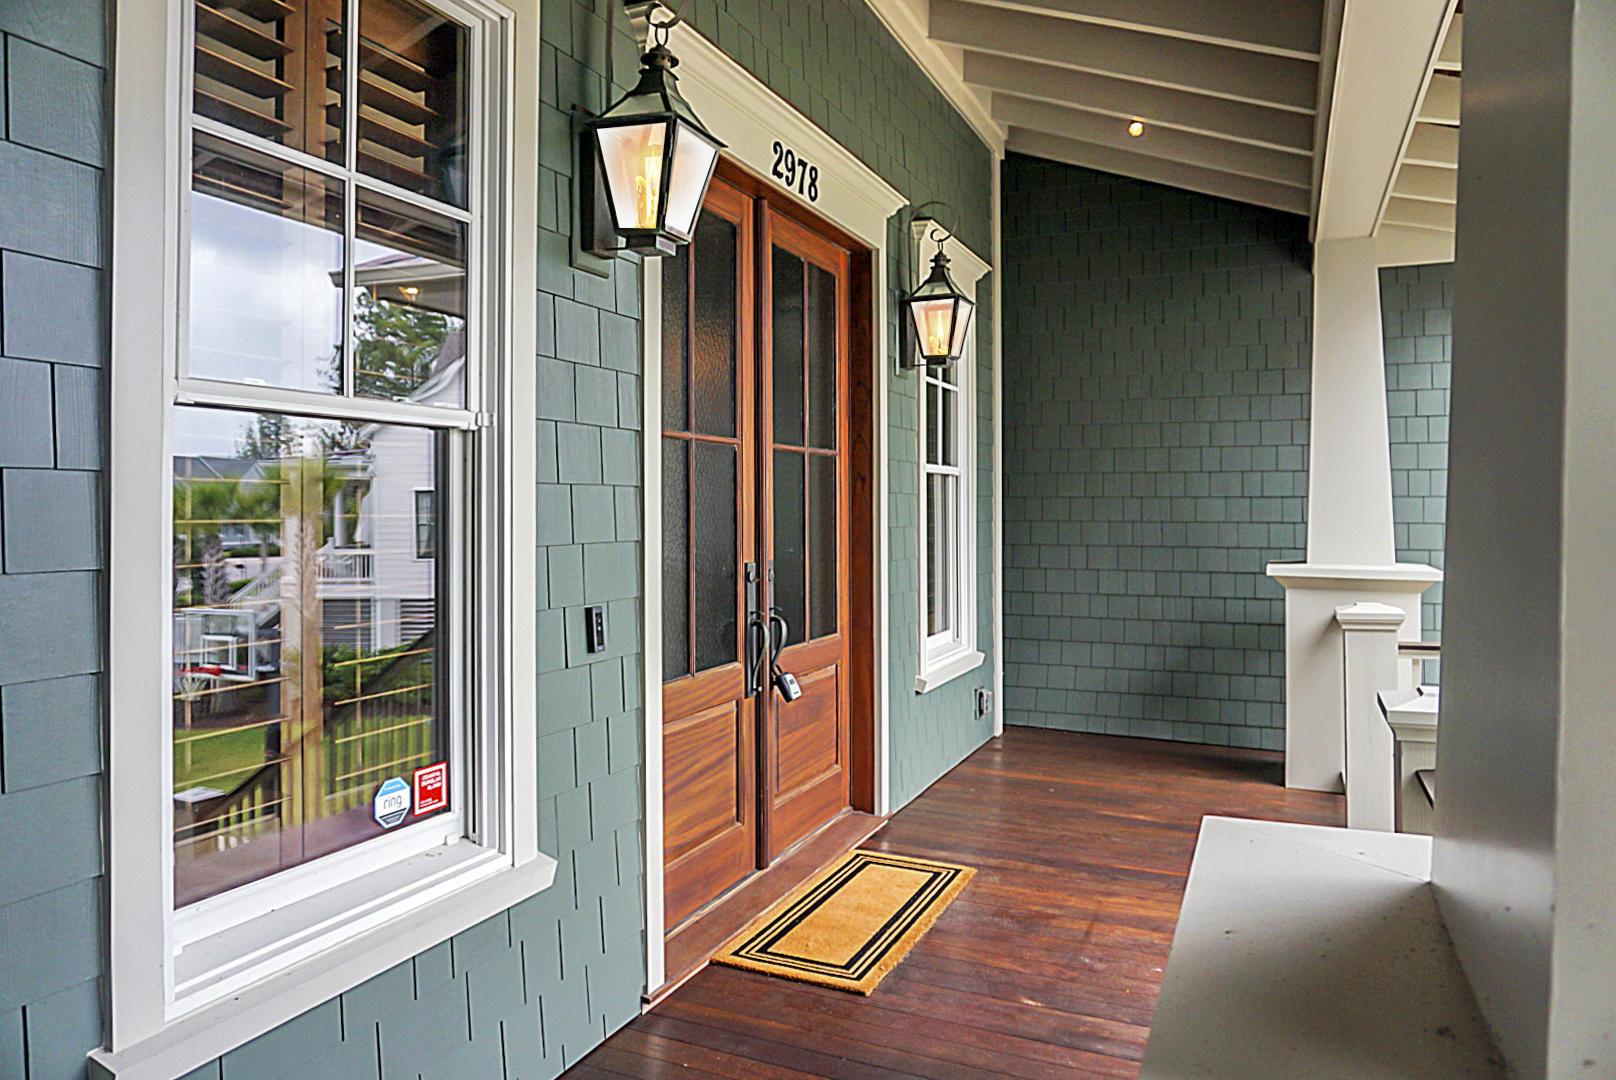 Dunes West Homes For Sale - 2978 River Vista, Mount Pleasant, SC - 10